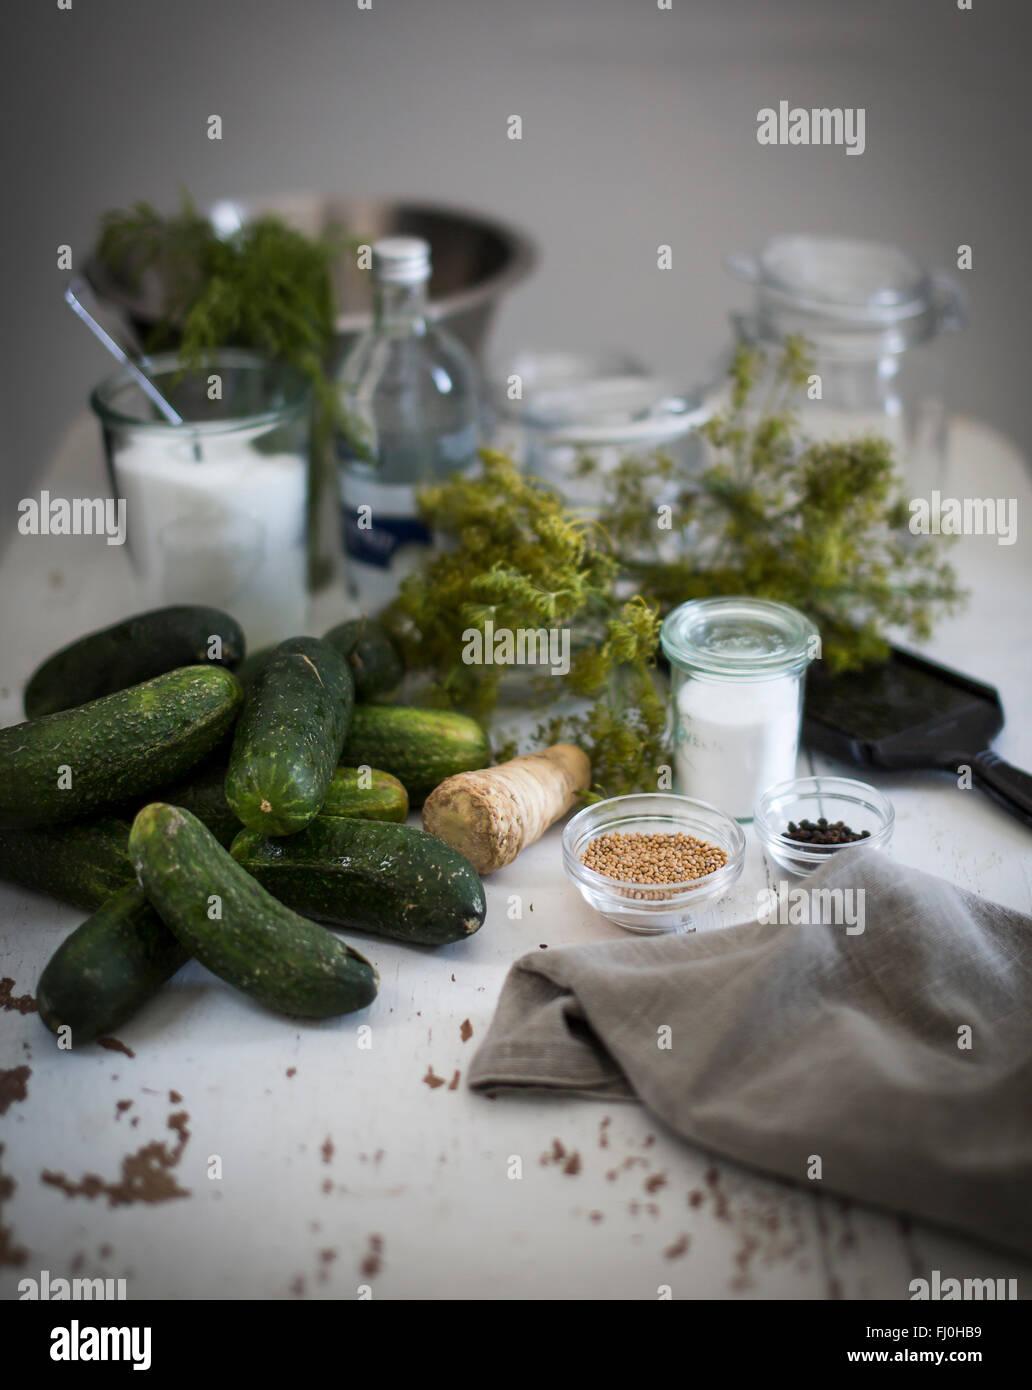 Ingrédients de concombres sur une table Photo Stock